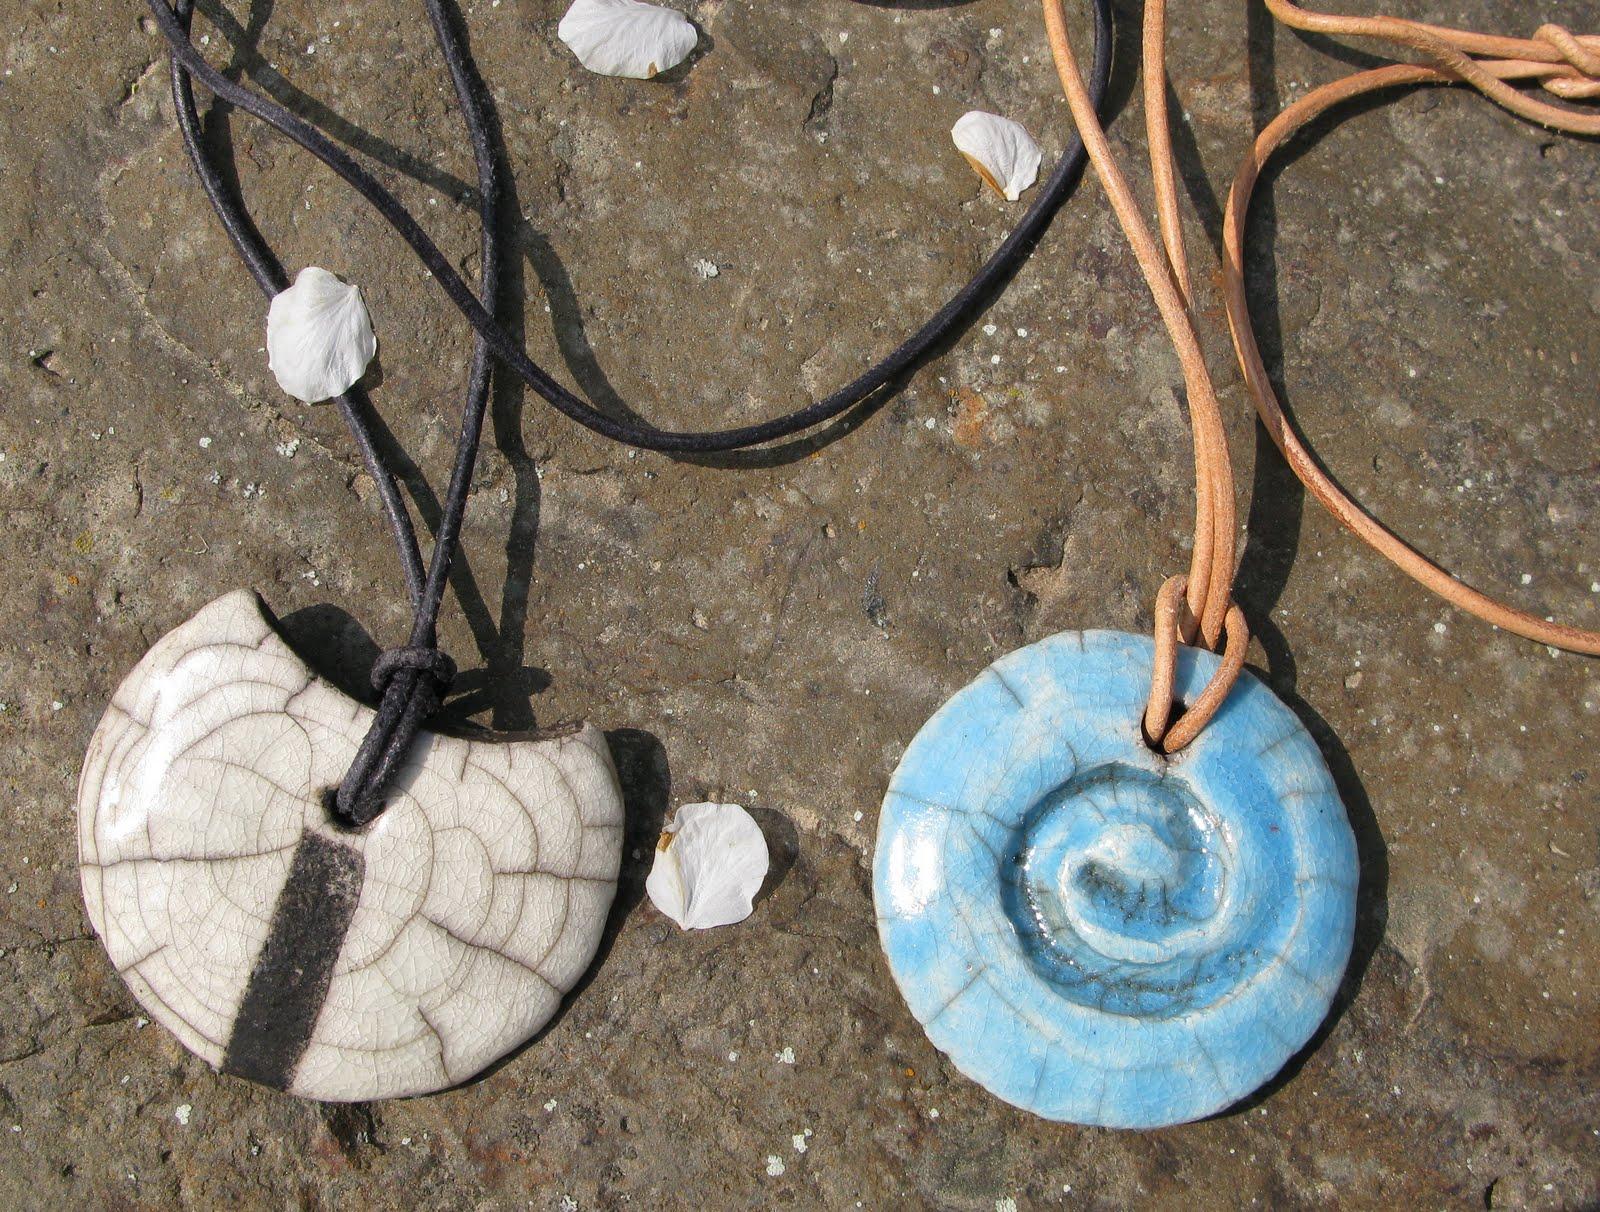 siebensachen zum selbermachen keramik schmuck ketten mit raku perlen. Black Bedroom Furniture Sets. Home Design Ideas